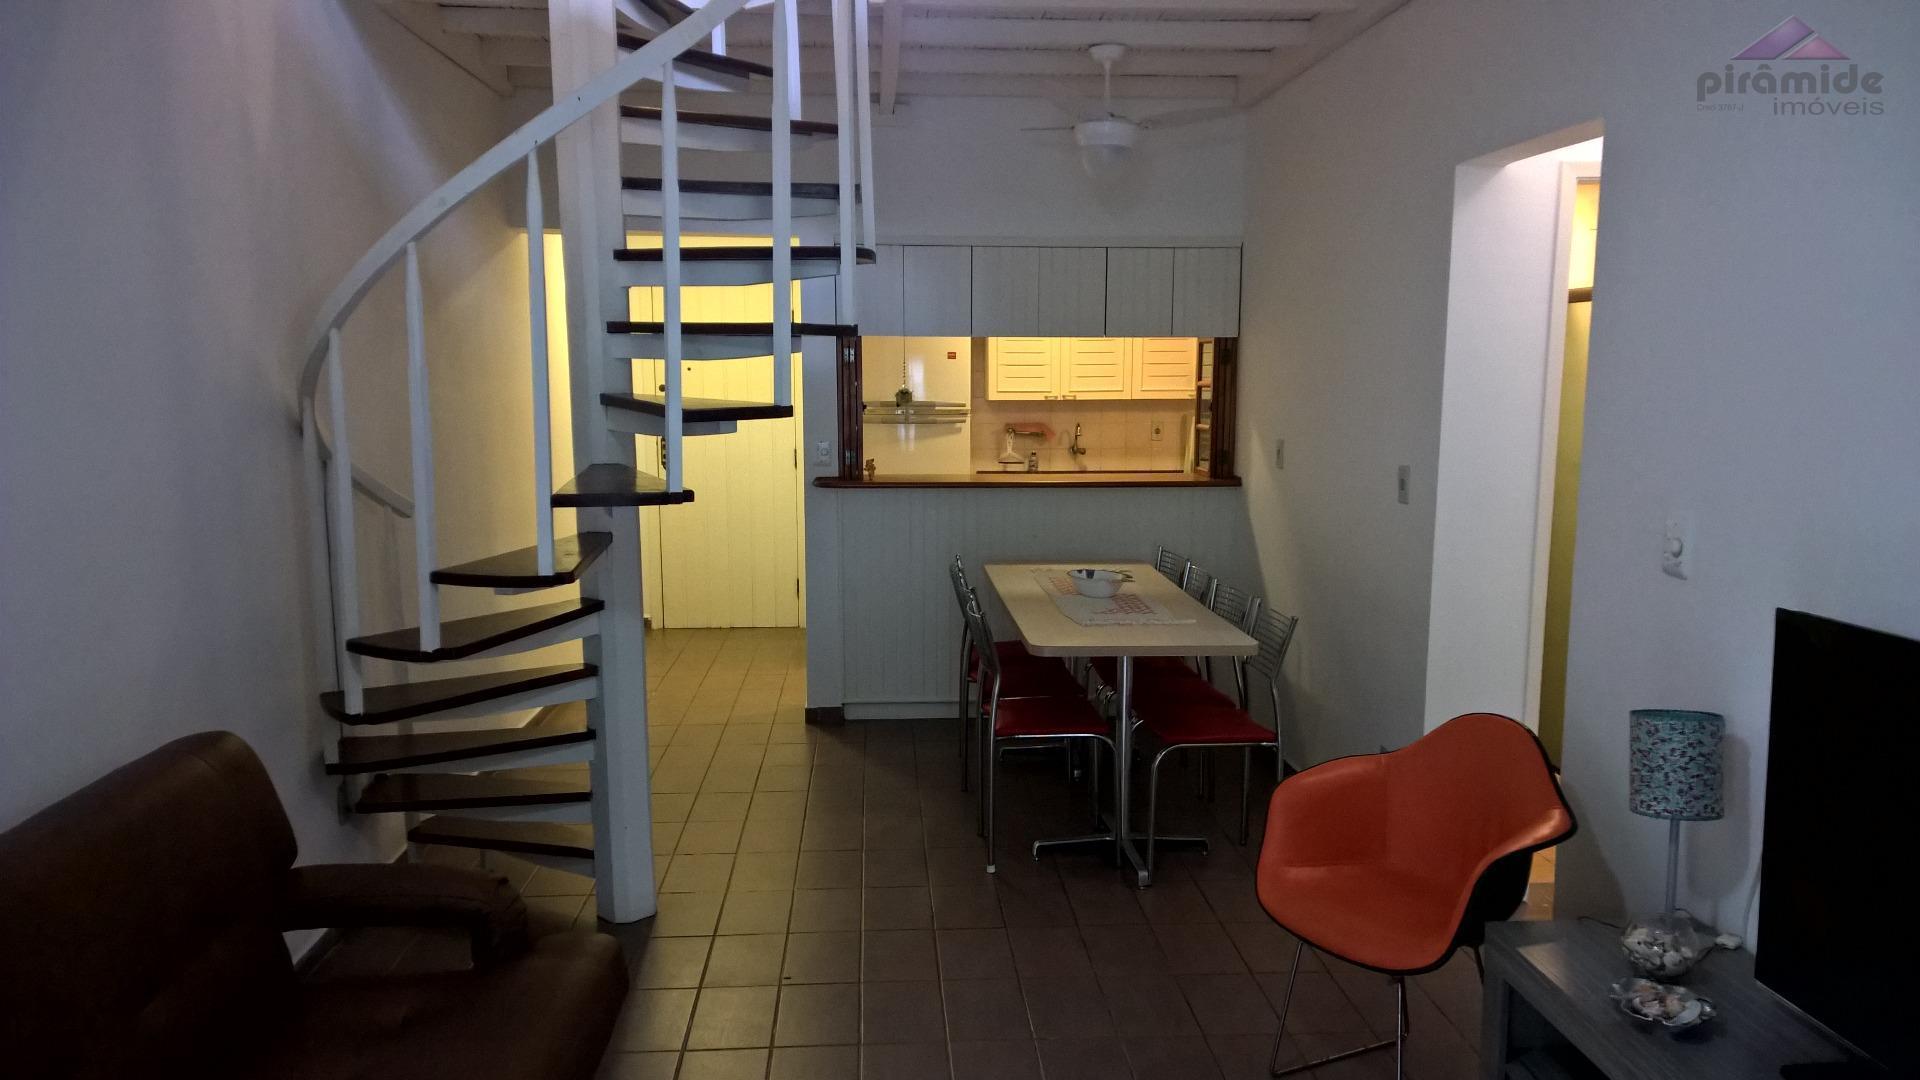 Apartamento Duplex residencial à venda, Praia Grande, Ubatuba - AD0021.